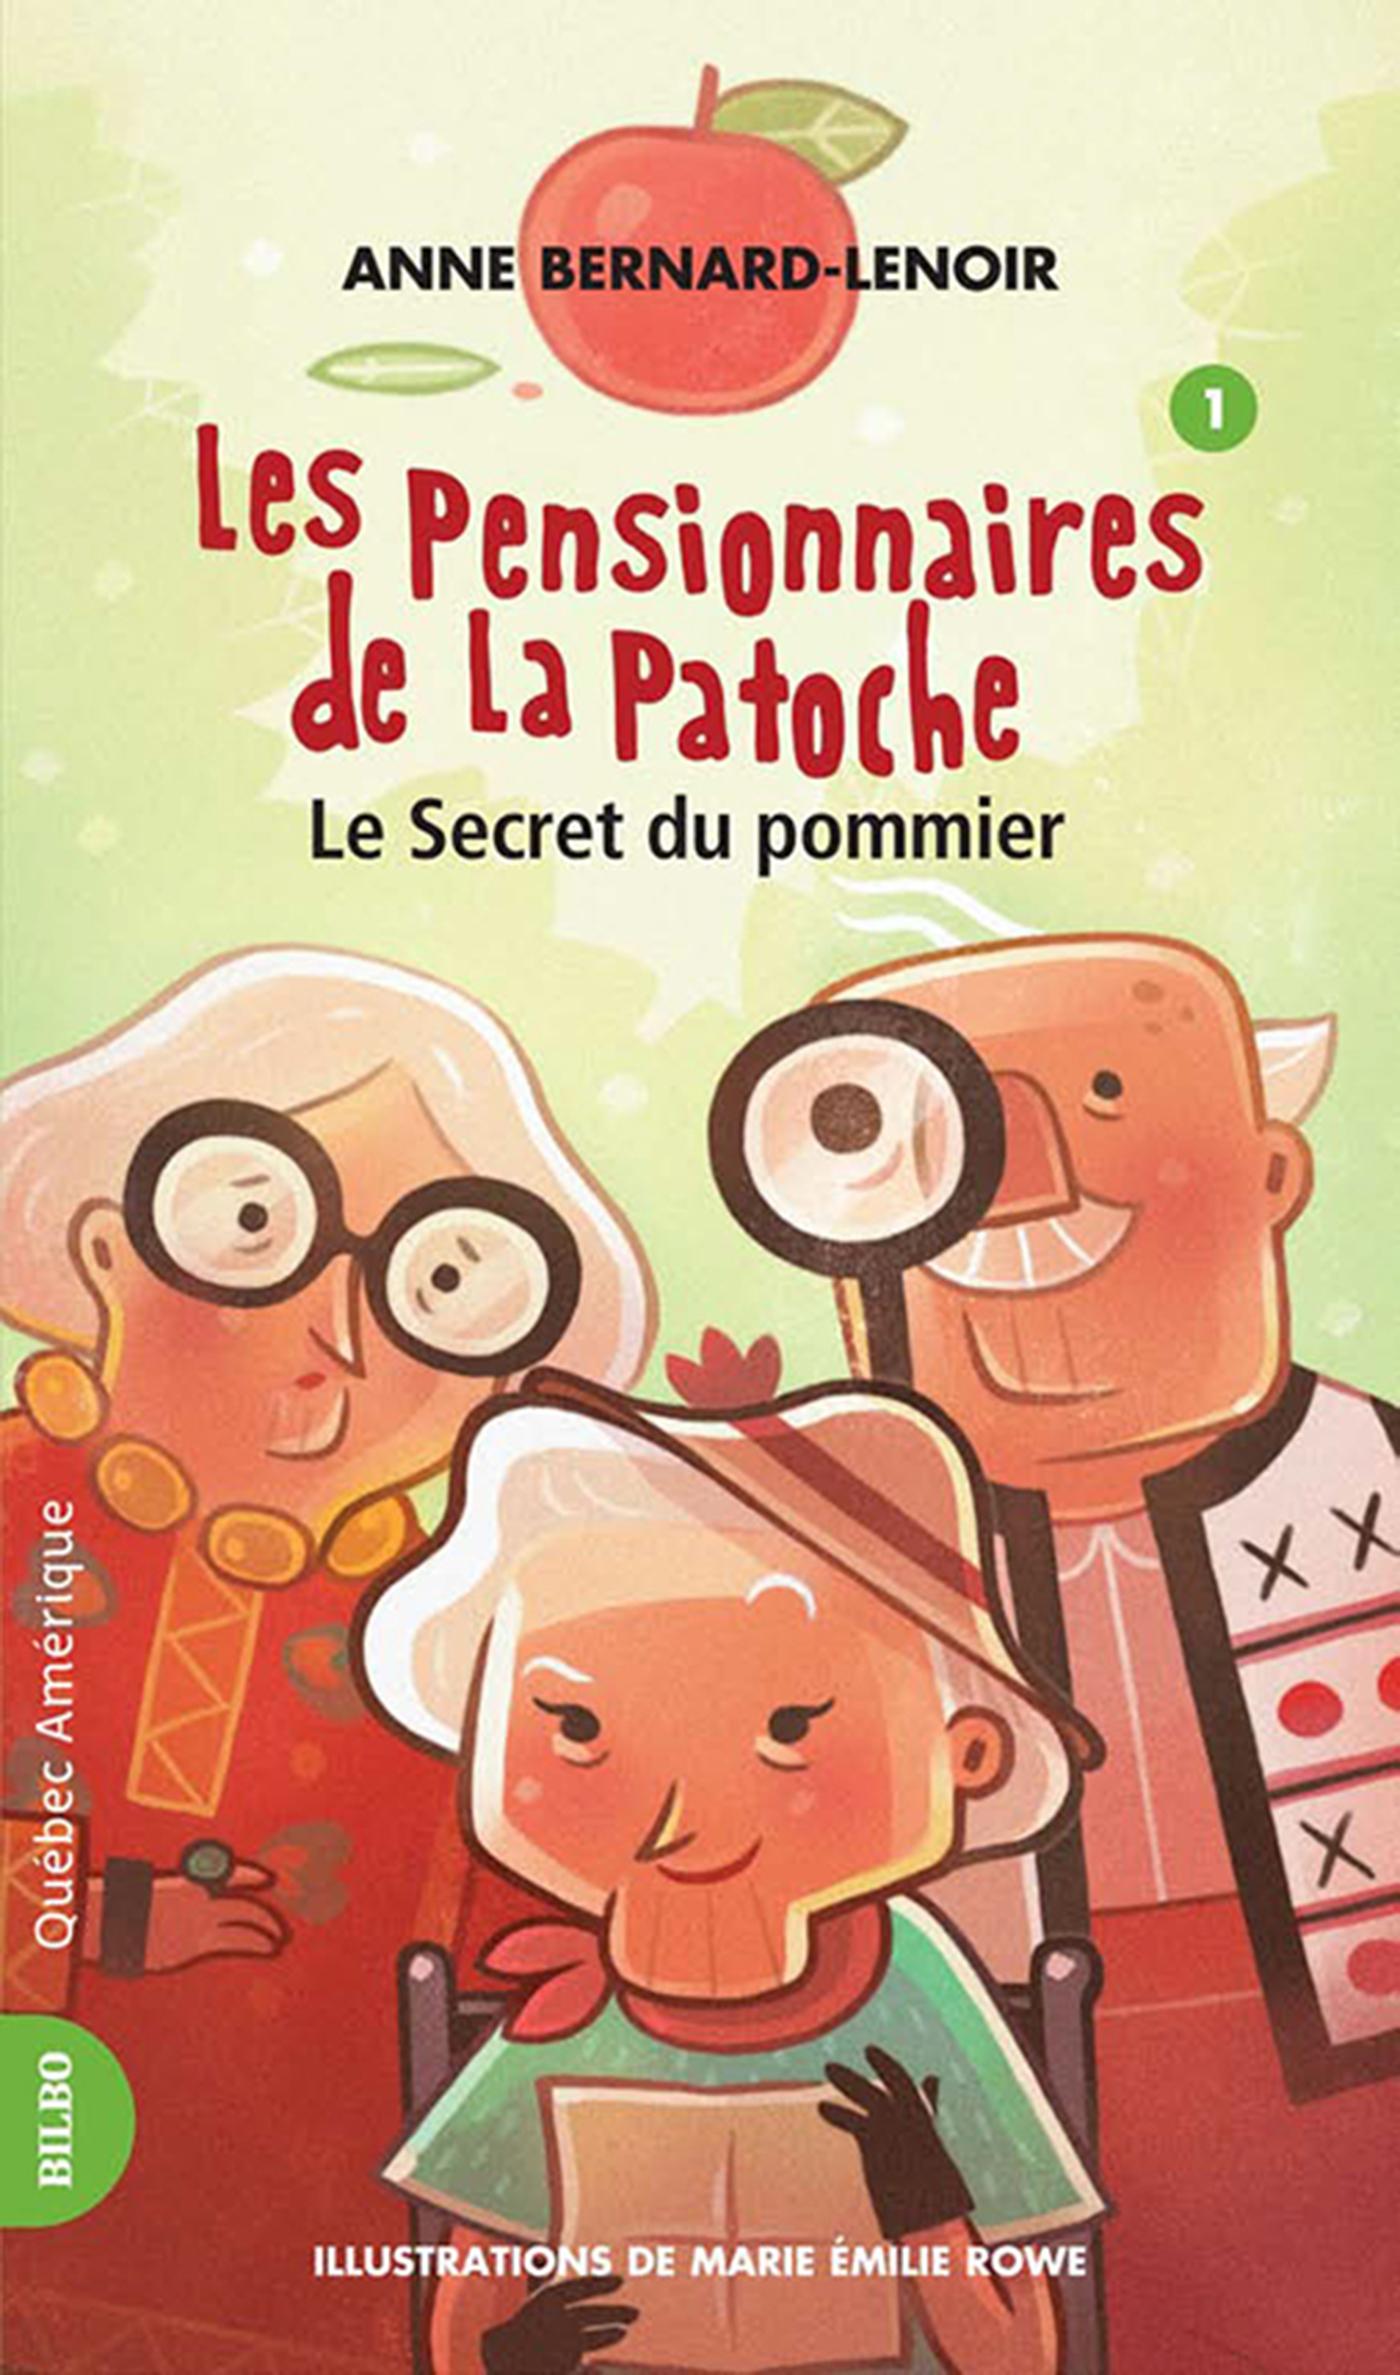 Les Pensionnaires de La Patoche 1 - Le Secret du pommier